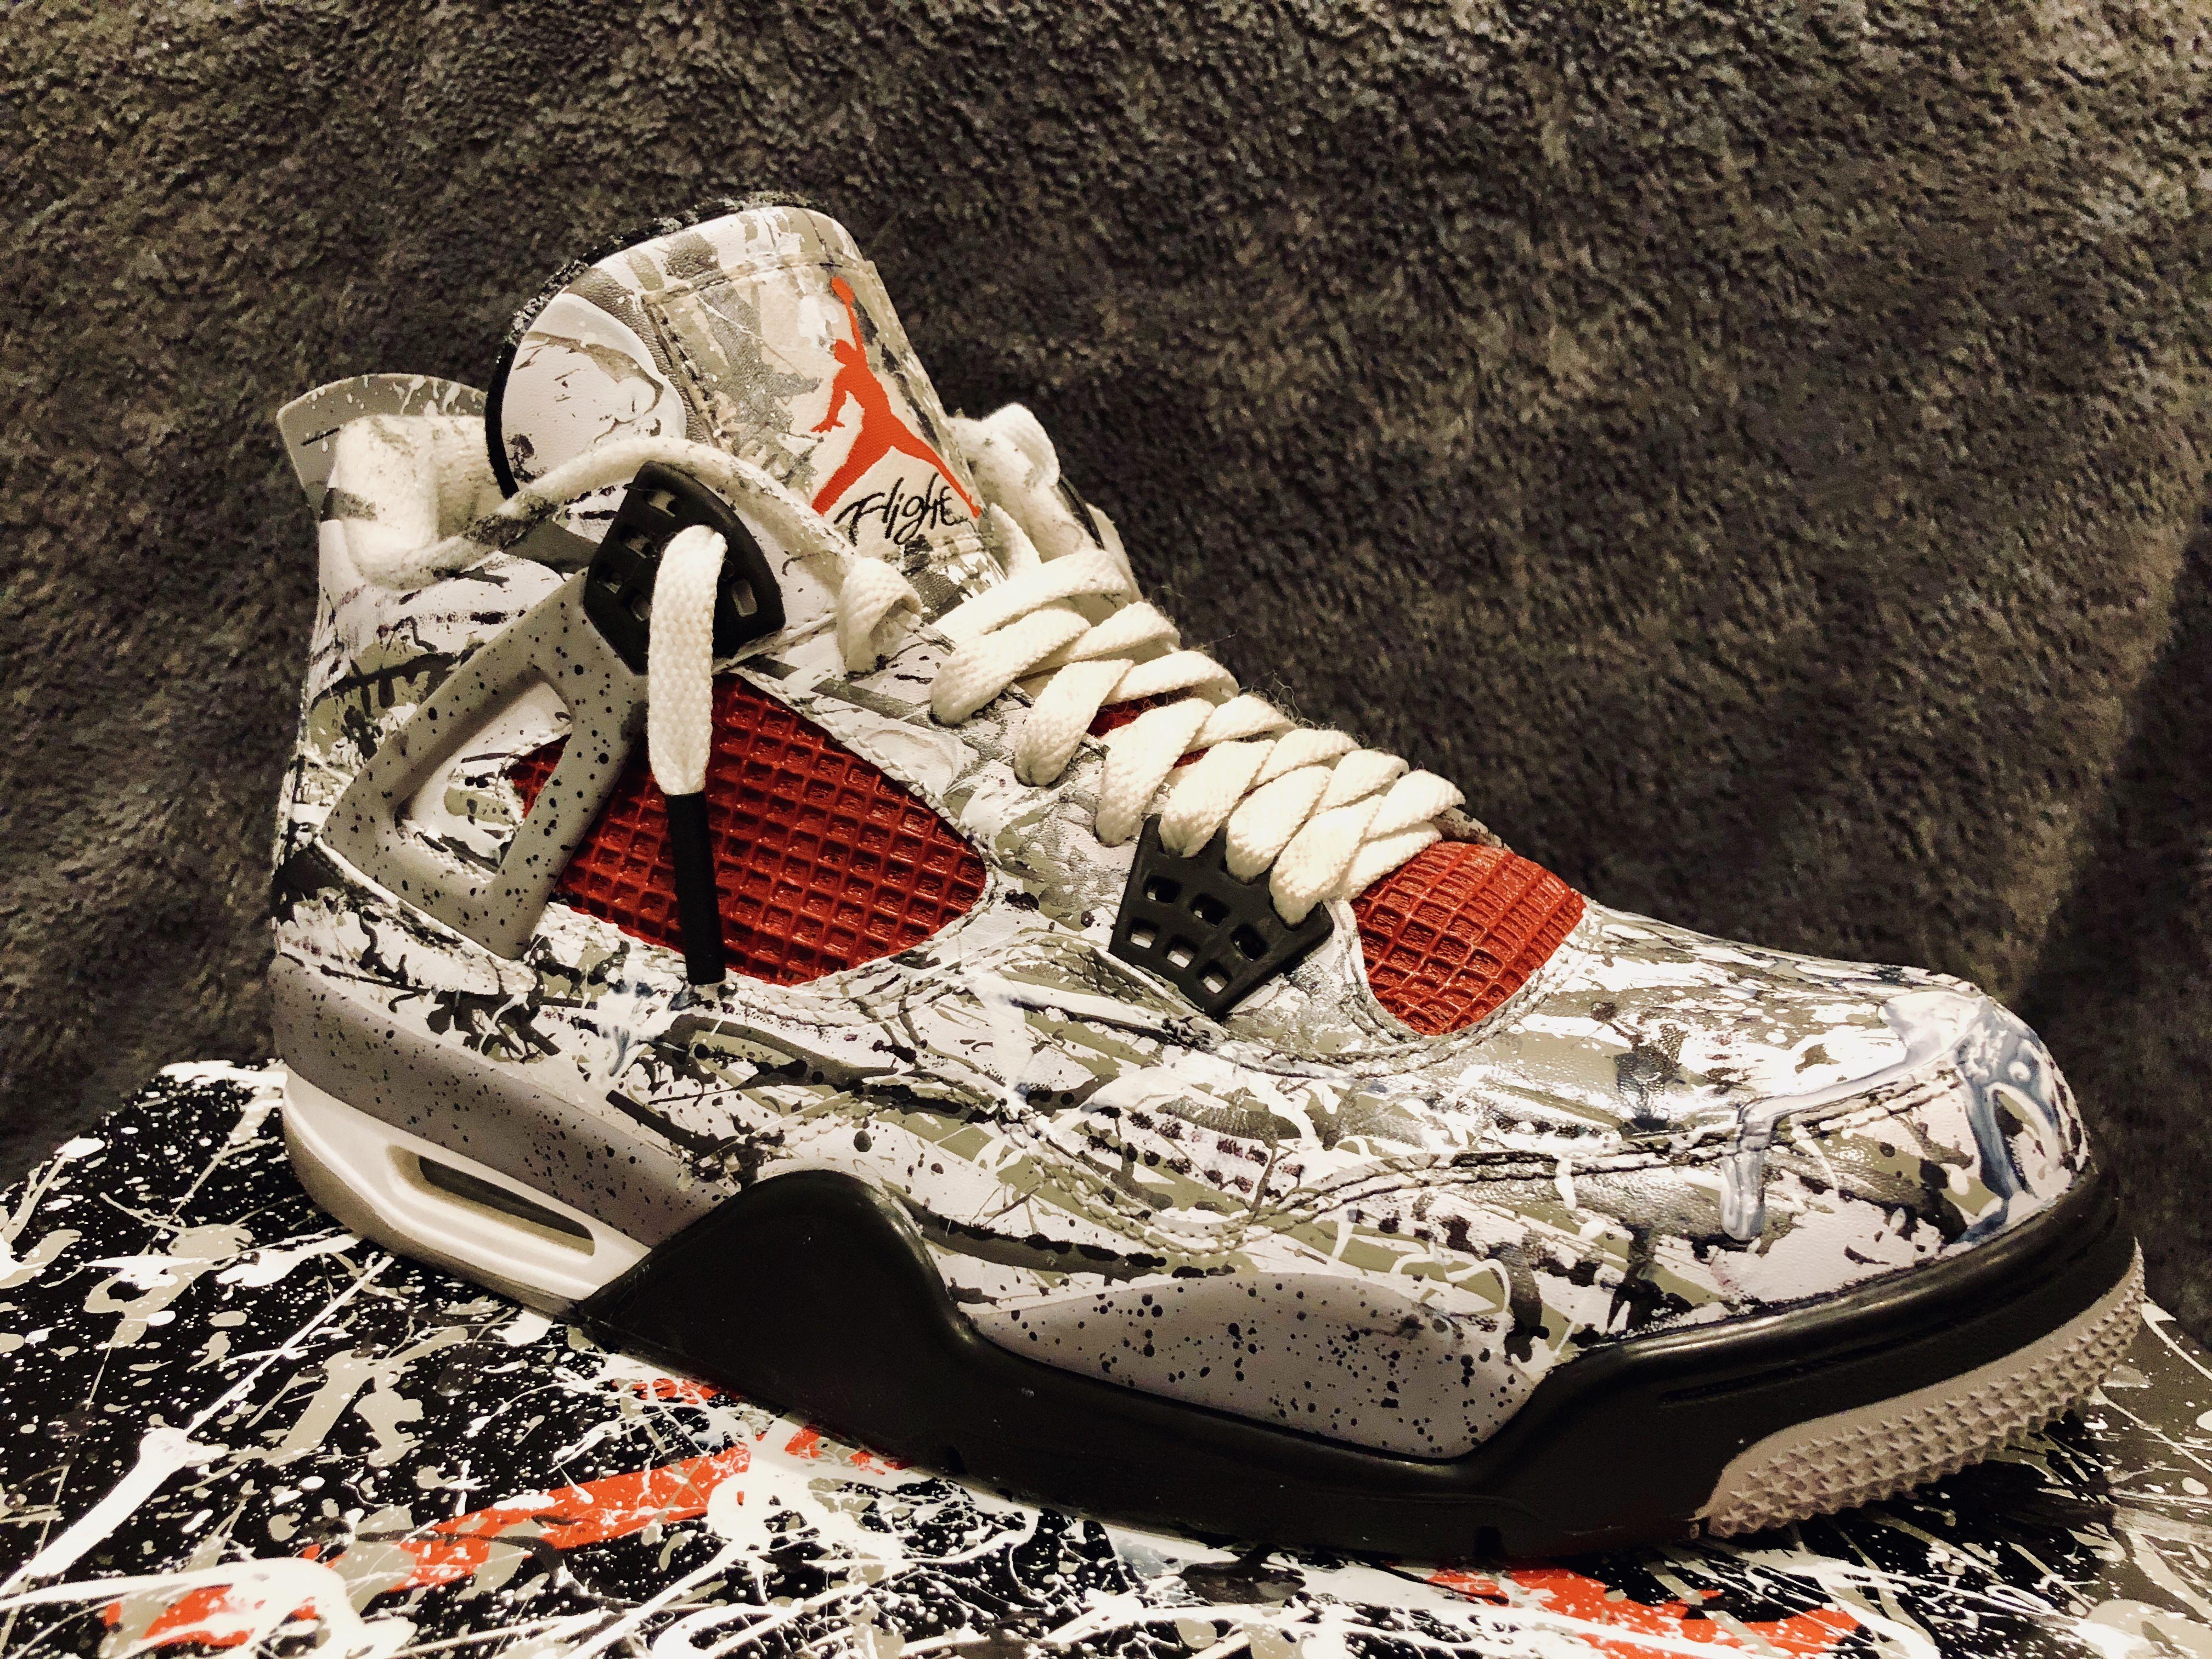 de Blij - Custom painted kicks - Air Jordan 4s